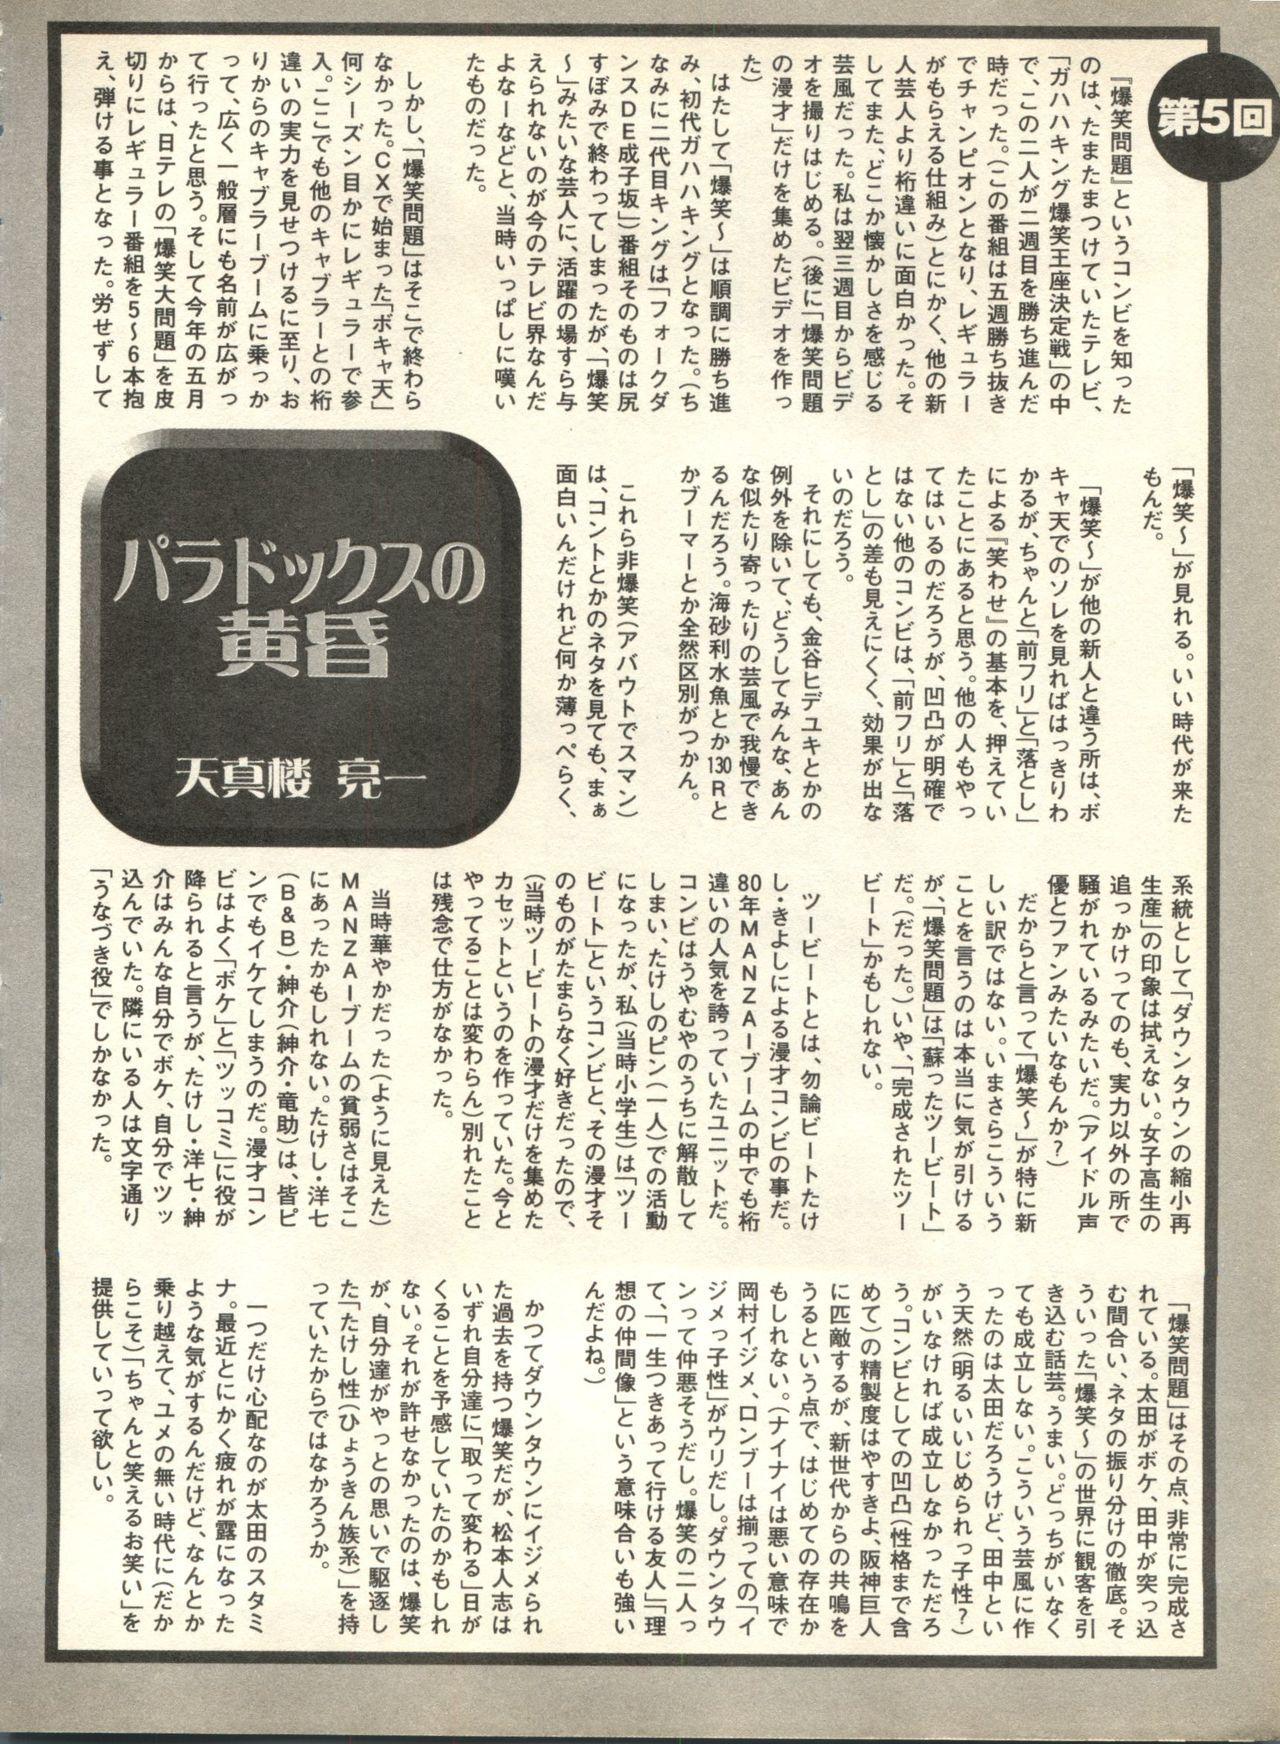 Pai;kuu 1998 October Vol. 13 203